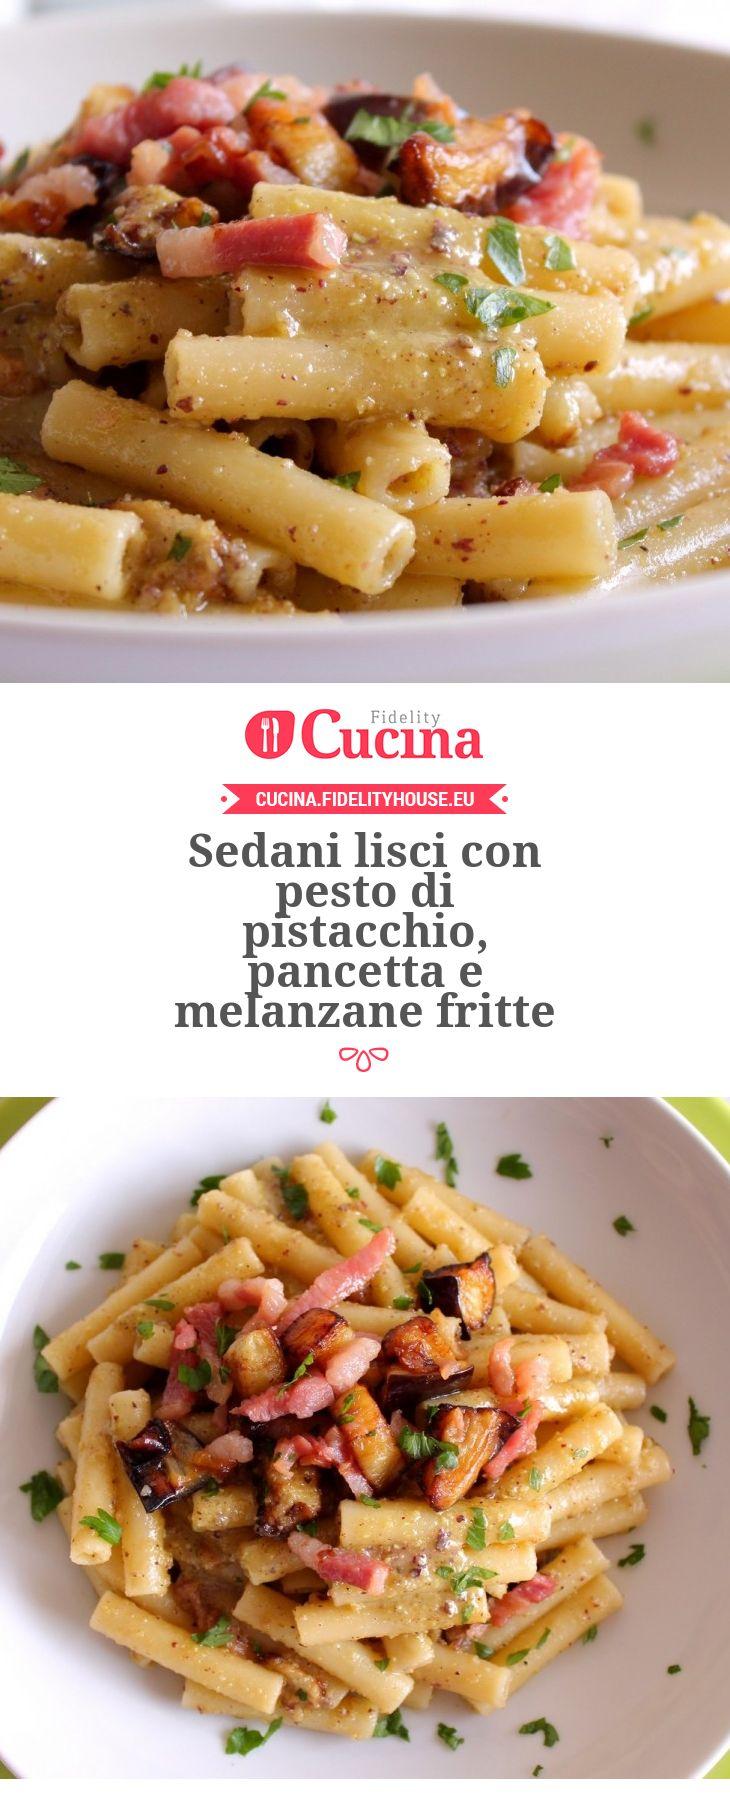 Sedani lisci con pesto di pistacchio, pancetta e melanzane fritte della nostra utente Giovanna. Unisciti alla nostra Community ed invia le tue ricette!